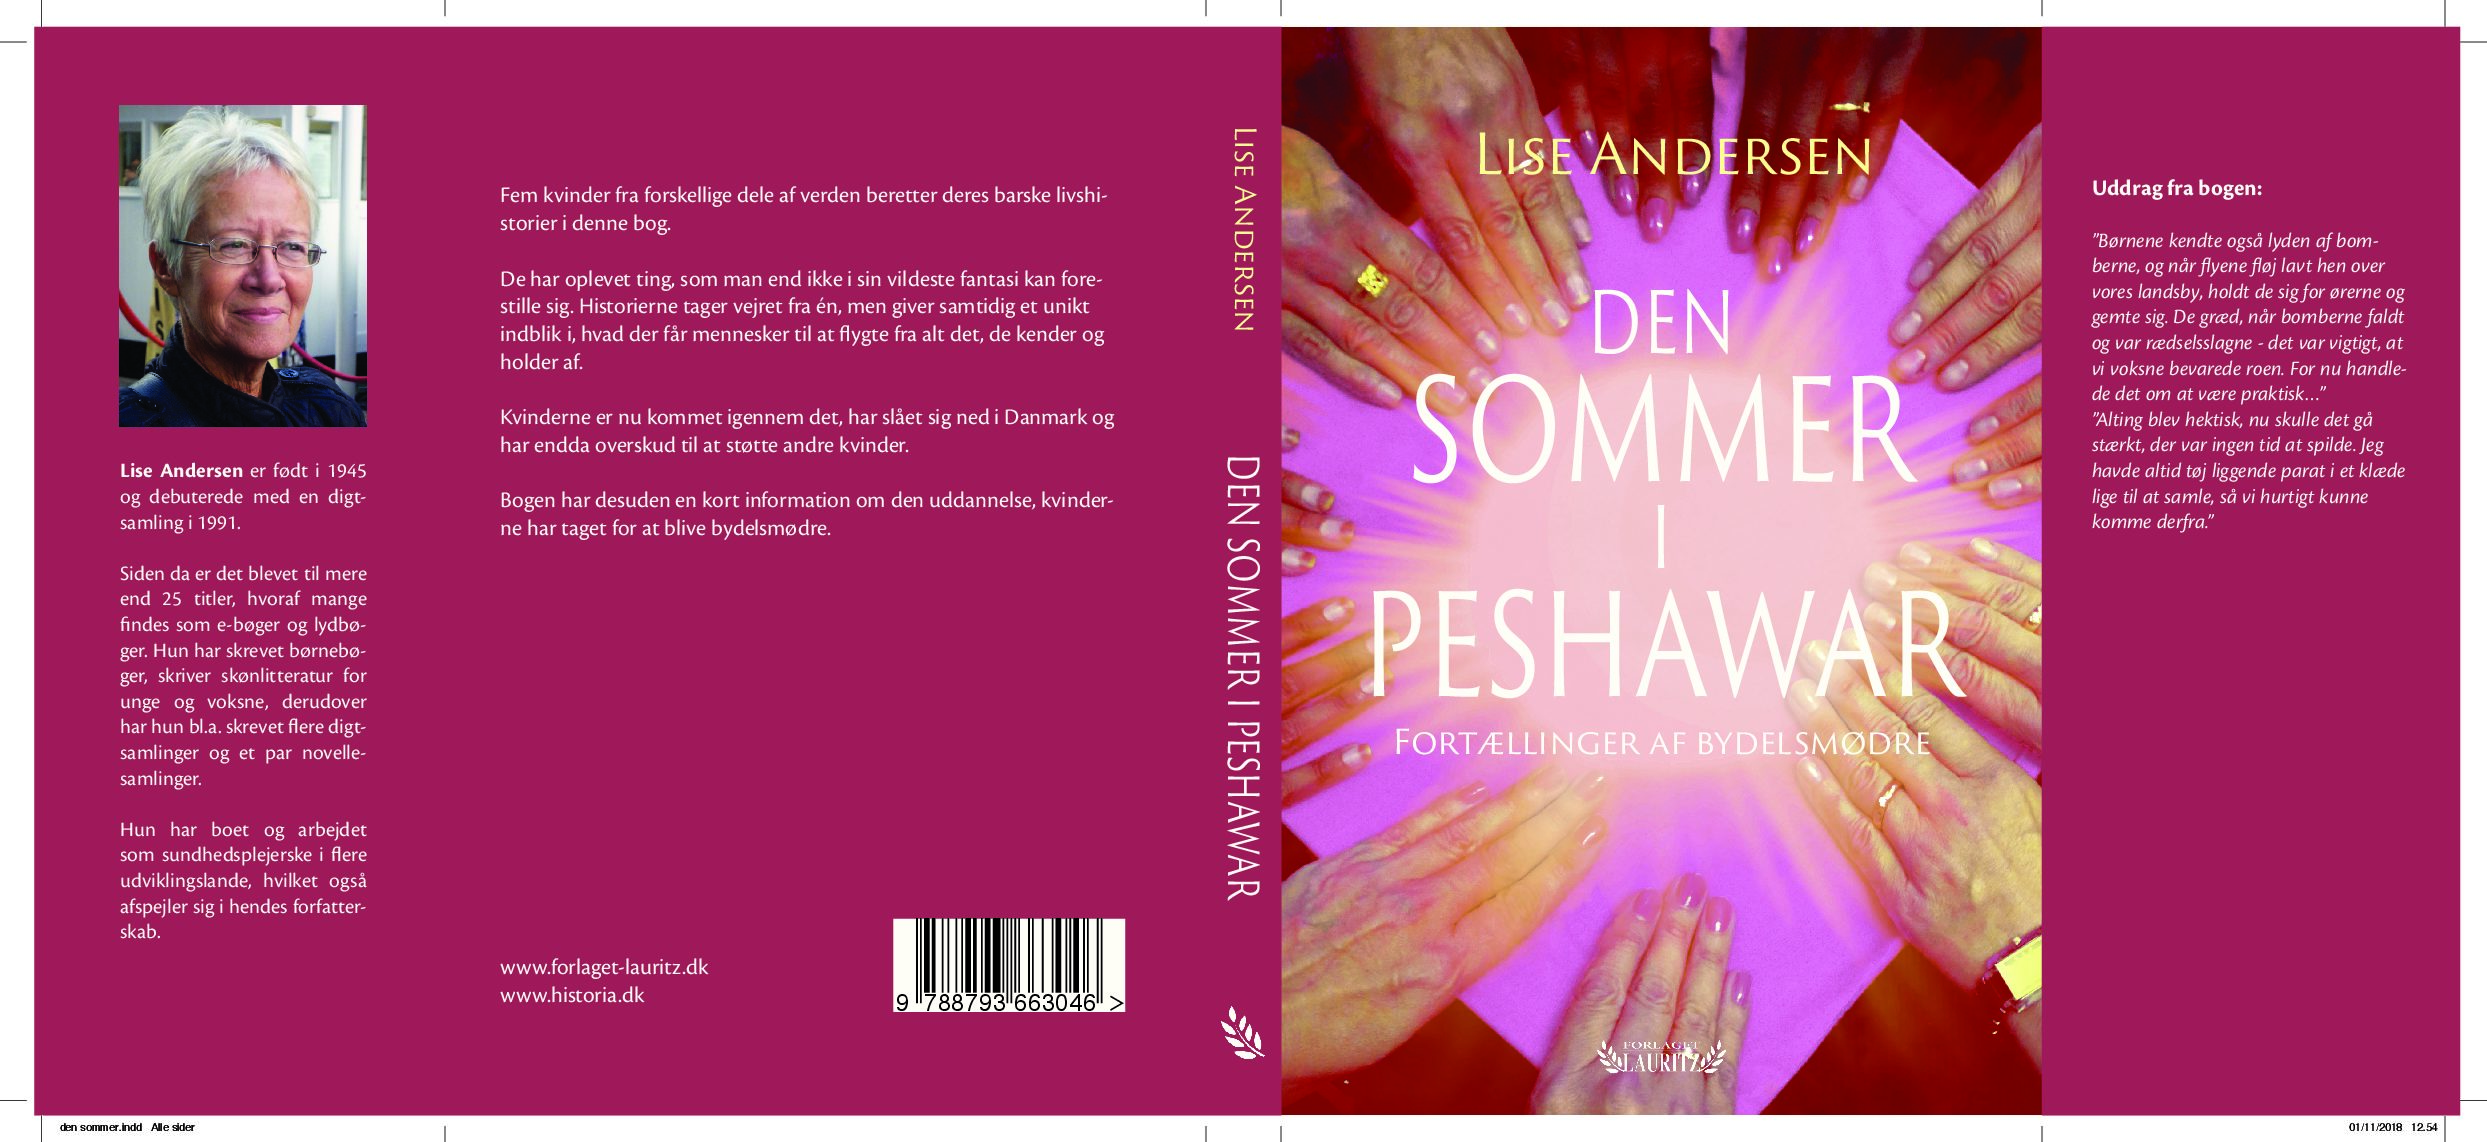 Den sommer i Peshawar, fortællinger af bydelsmødre